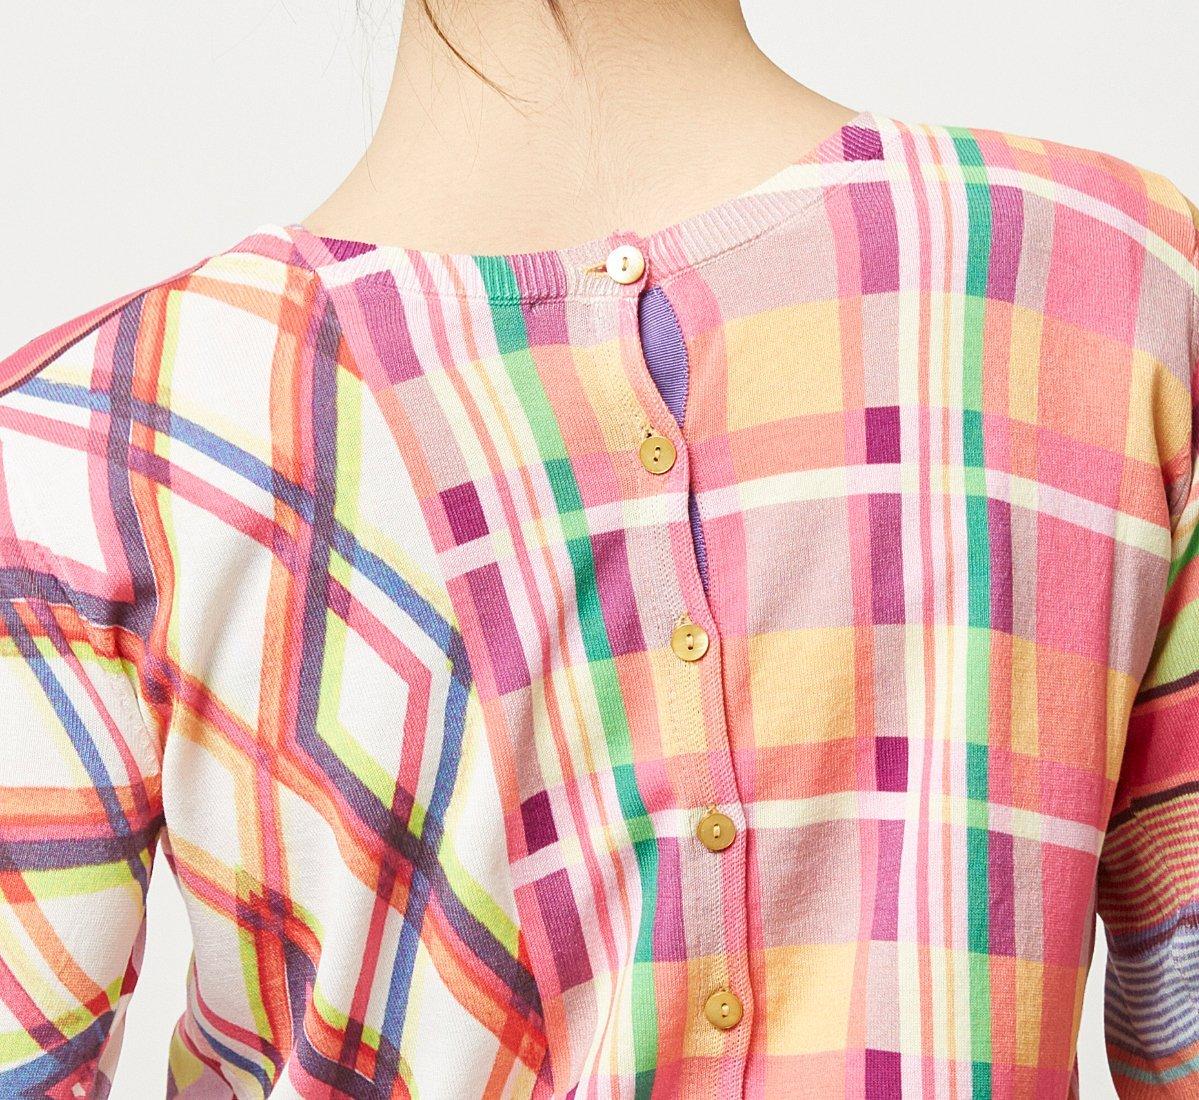 Patterned cardigan and vest set